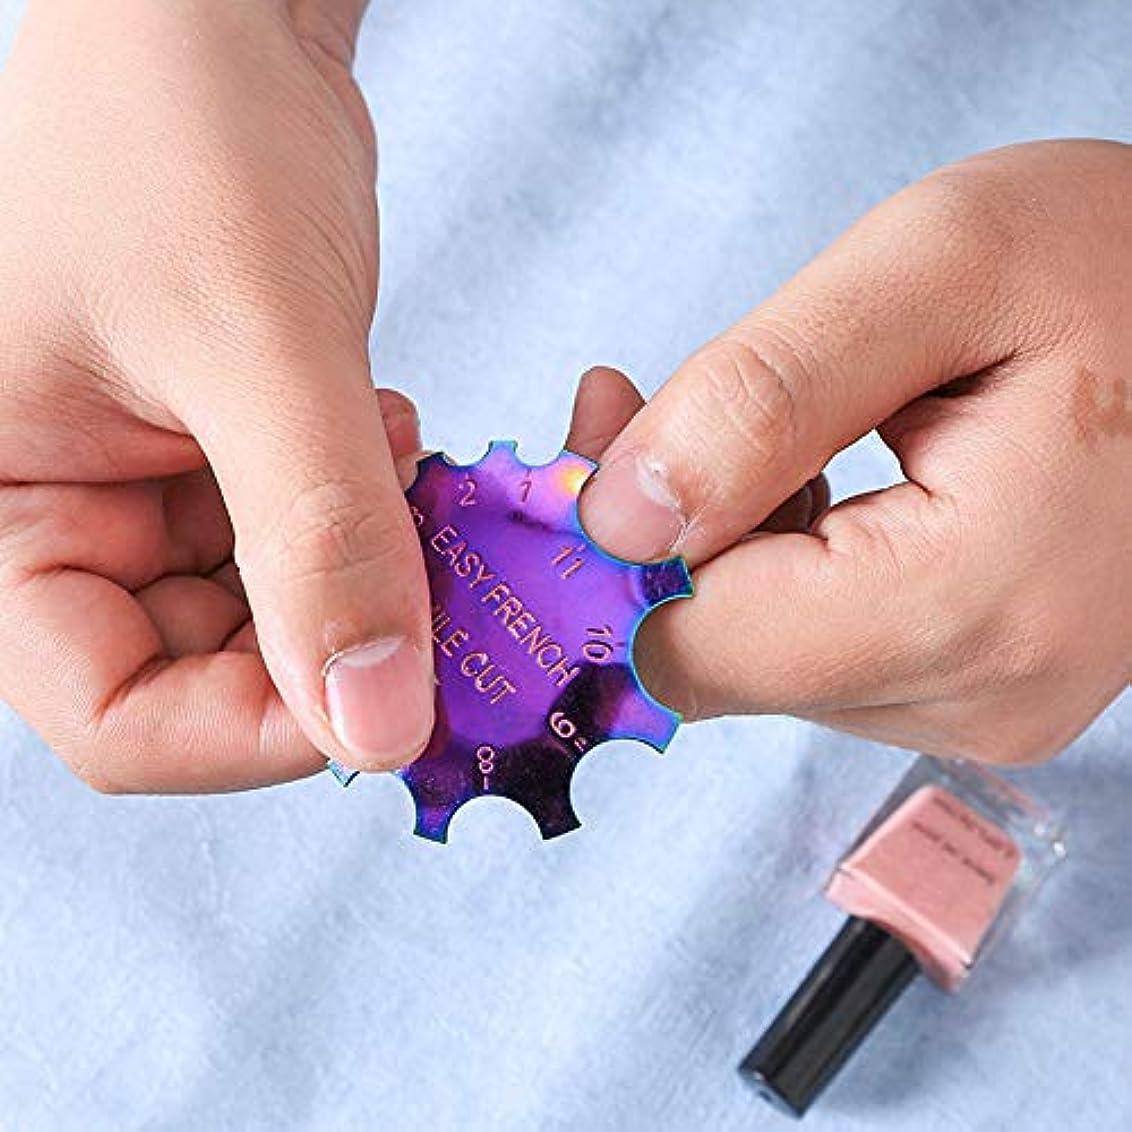 ボール衣装するだろうSymboat 女性のための多彩なステンレス鋼の釘型のフランスの釘の版の釘用具